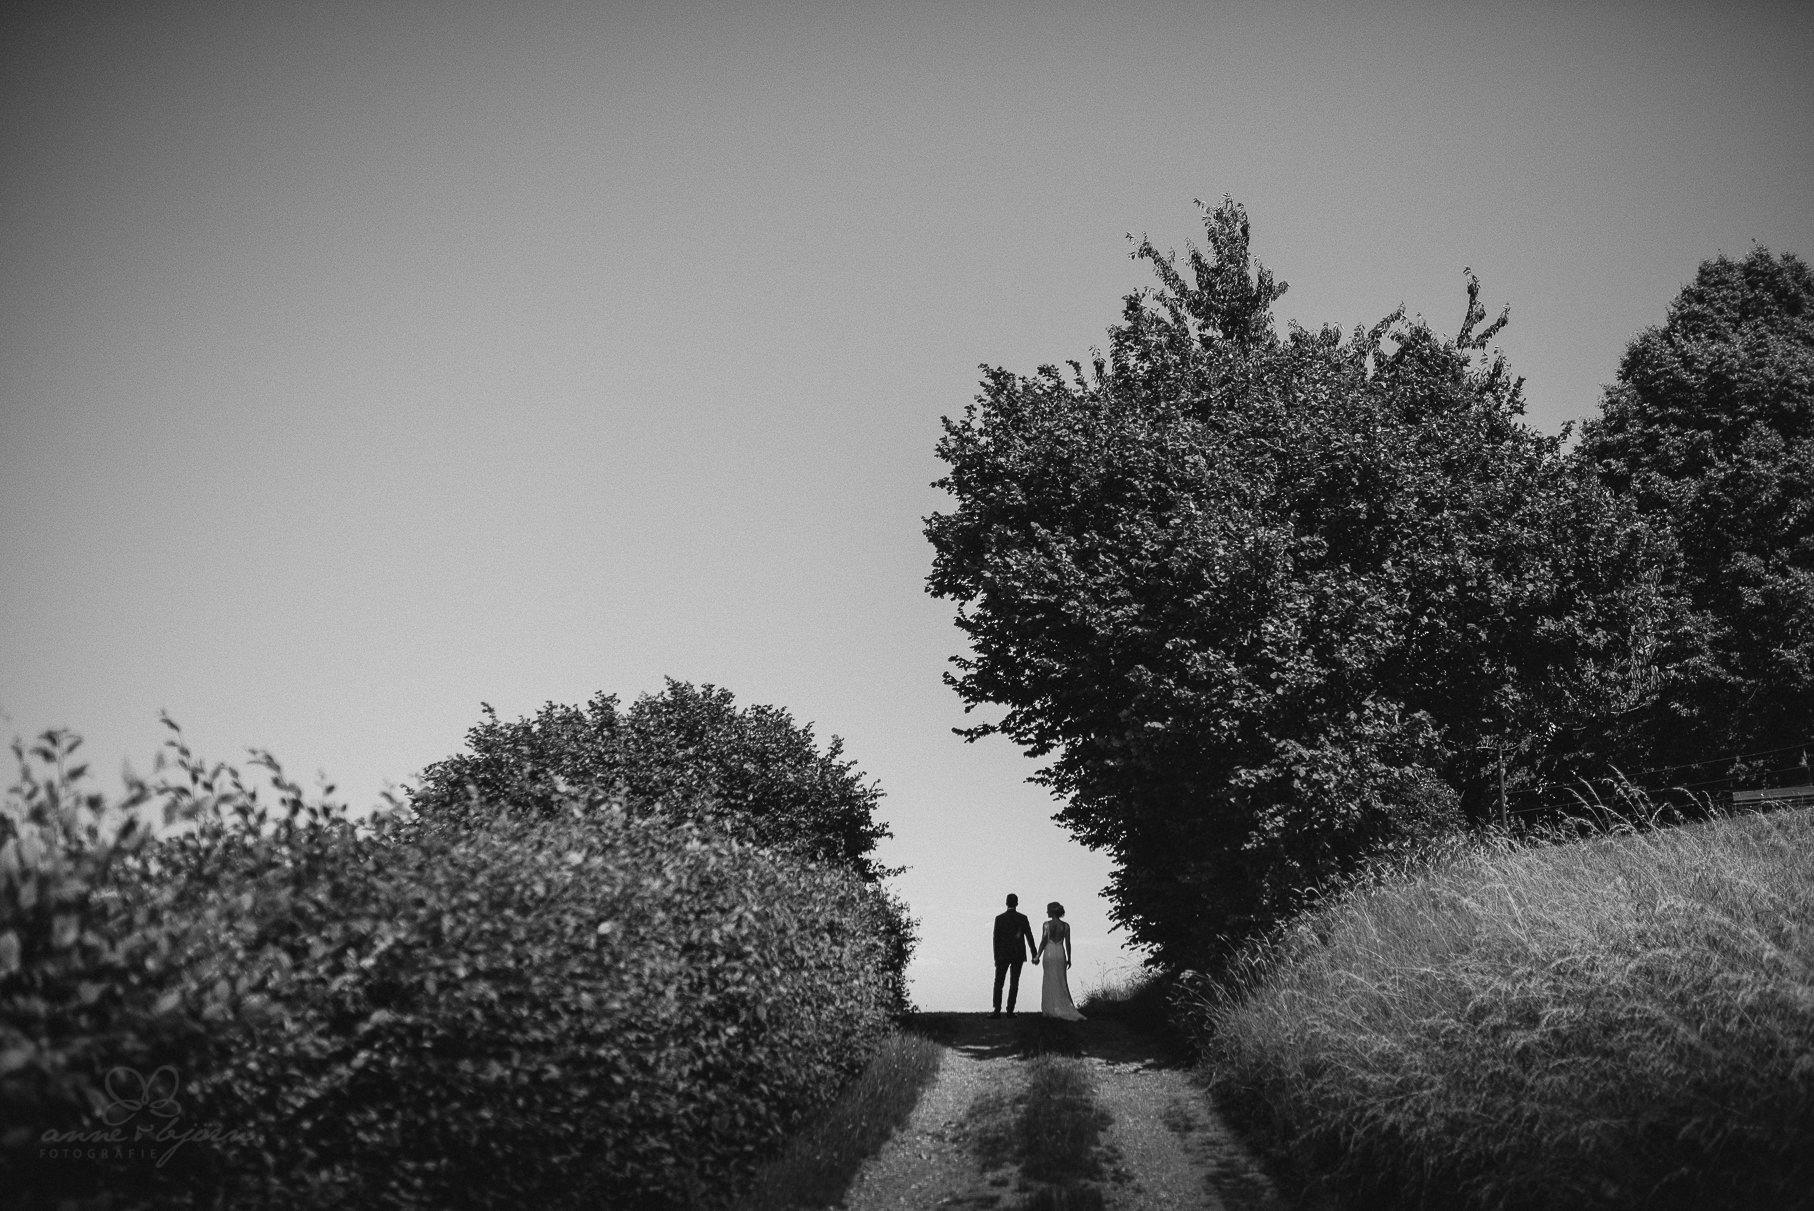 0089 anne und bjoern hochzeit schweiz d75 1207 - DIY Hochzeit in der Schweiz - Sabrina & Christoph